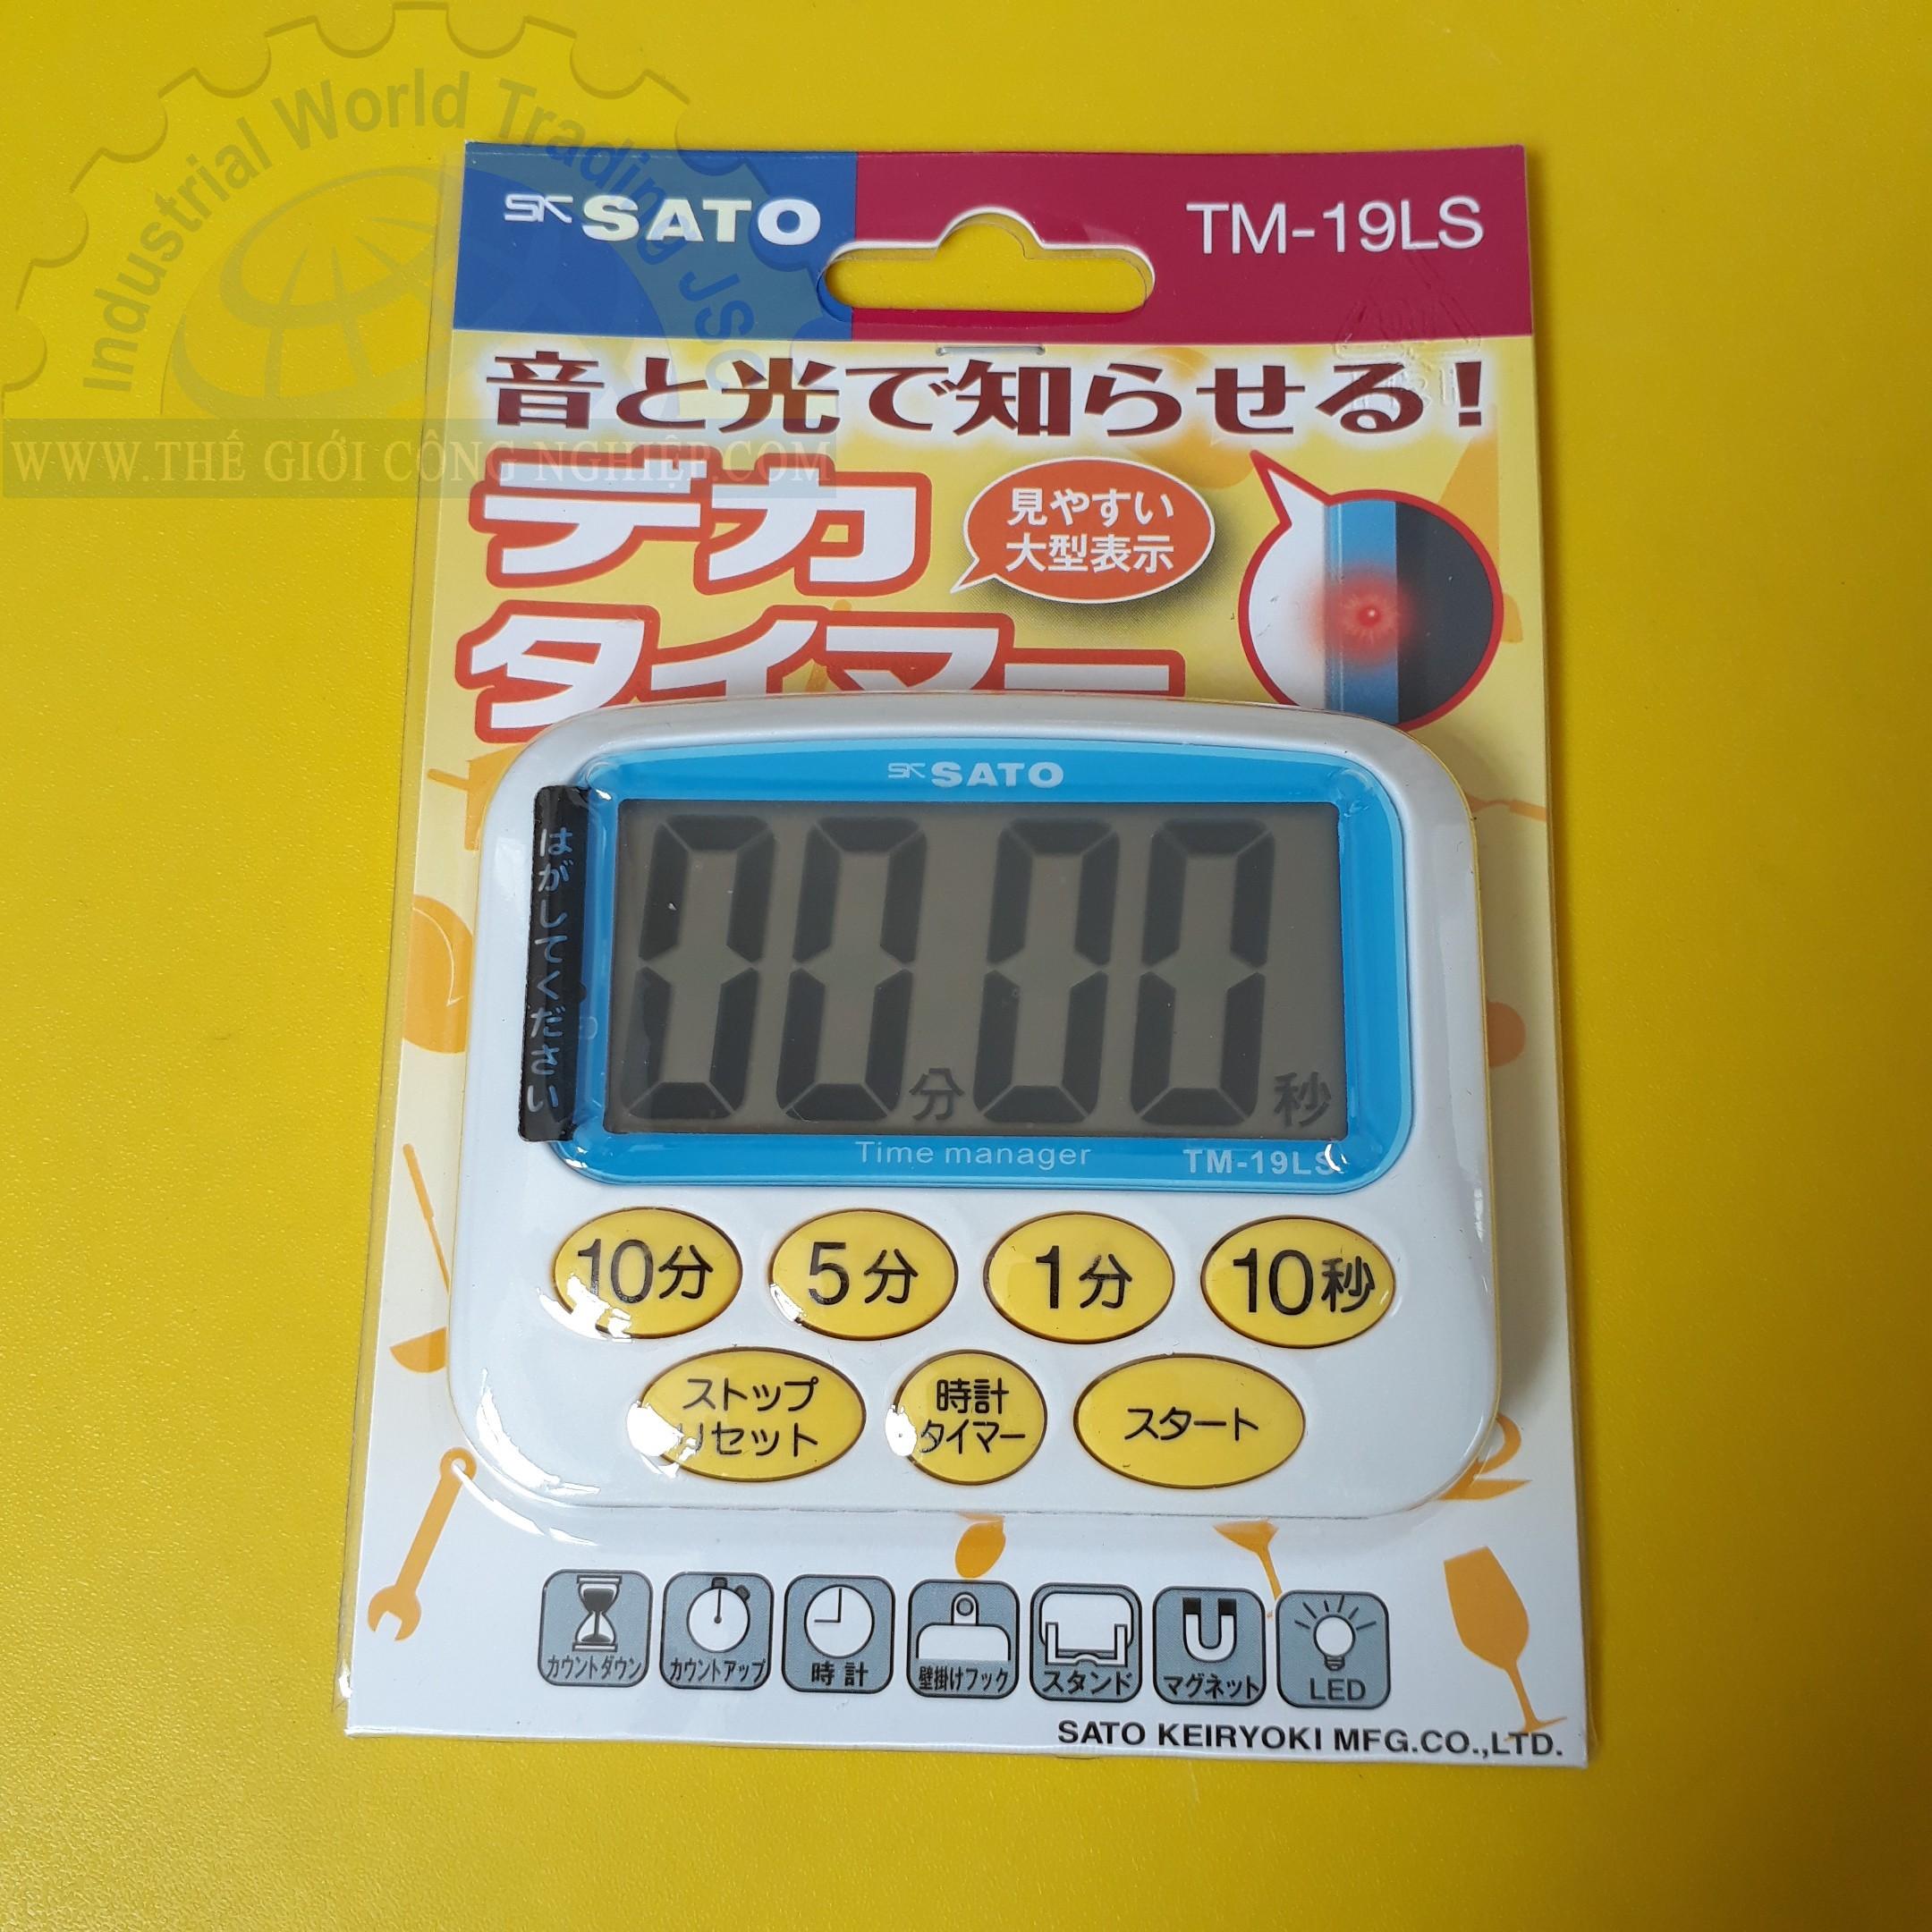 Đồng hồ bấm giờ 1 giây đến 99 phút  TM-19LS No.1709-02 SATO